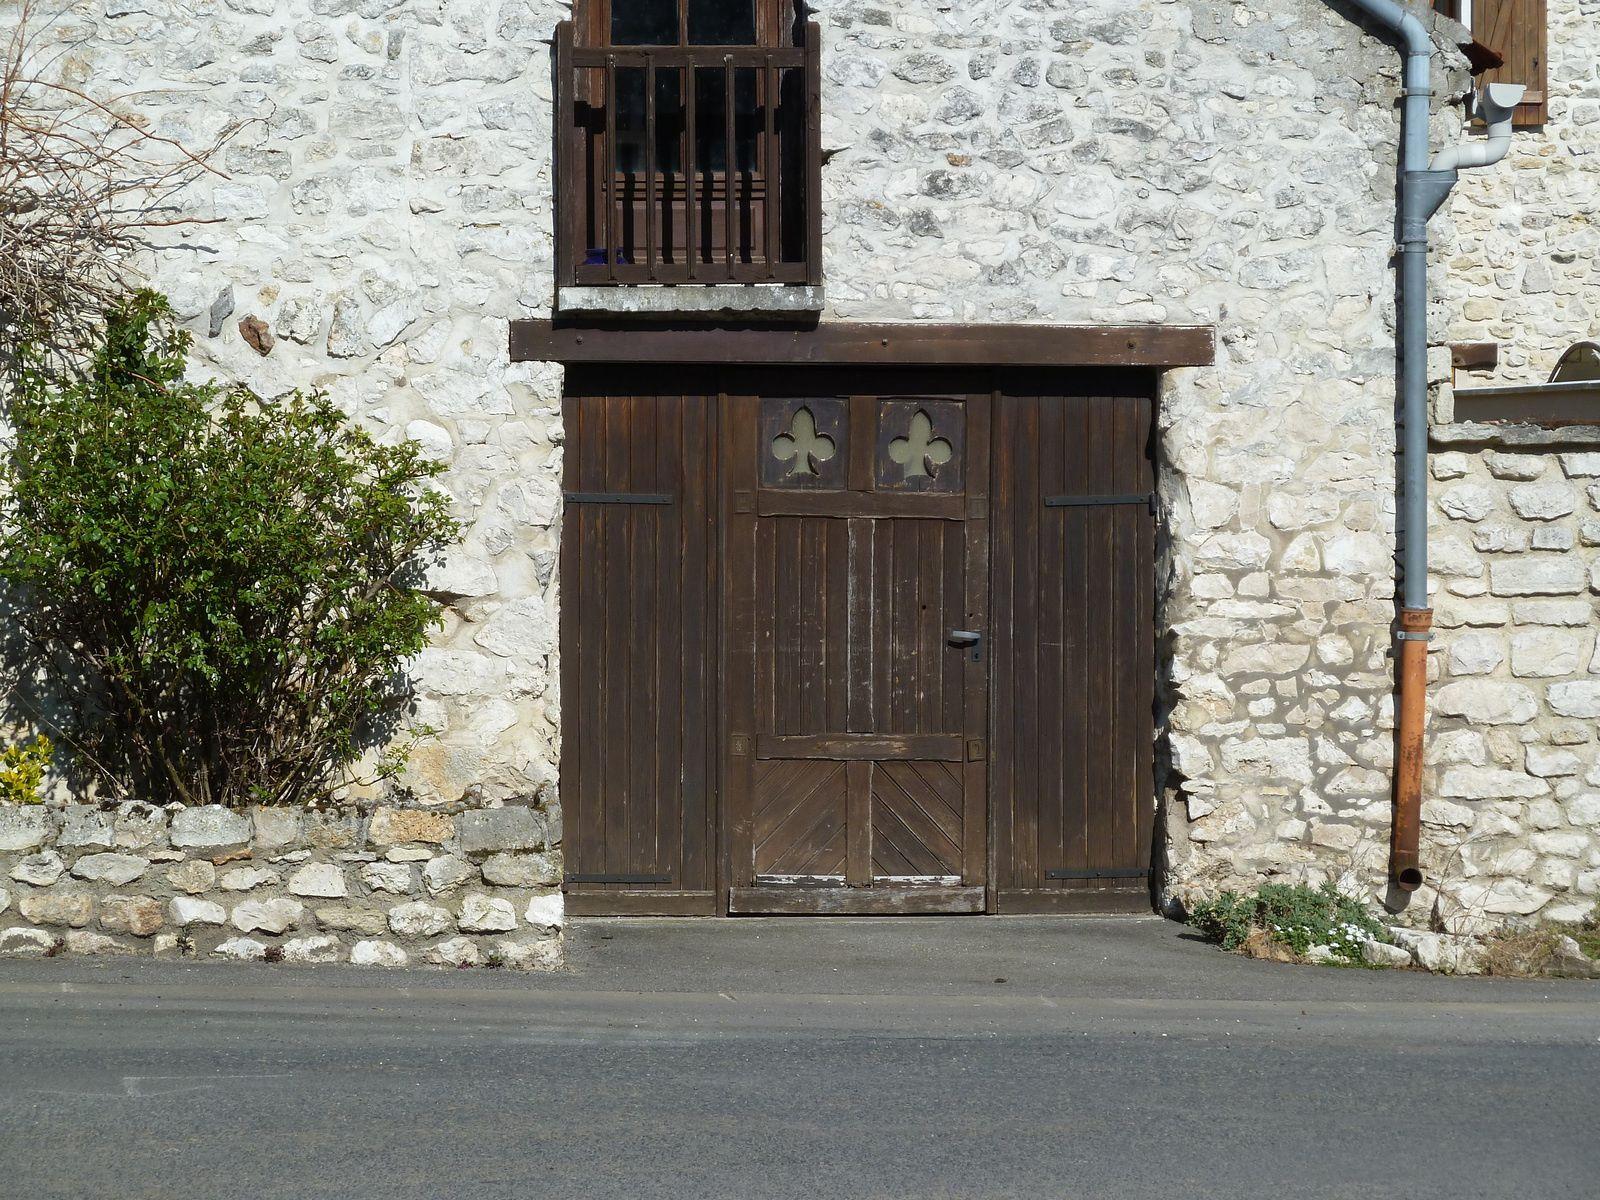 Petite halte devant l'Auberge de la truite à Rosay. J'aime bien les trèfles dans la porte de cette maison.